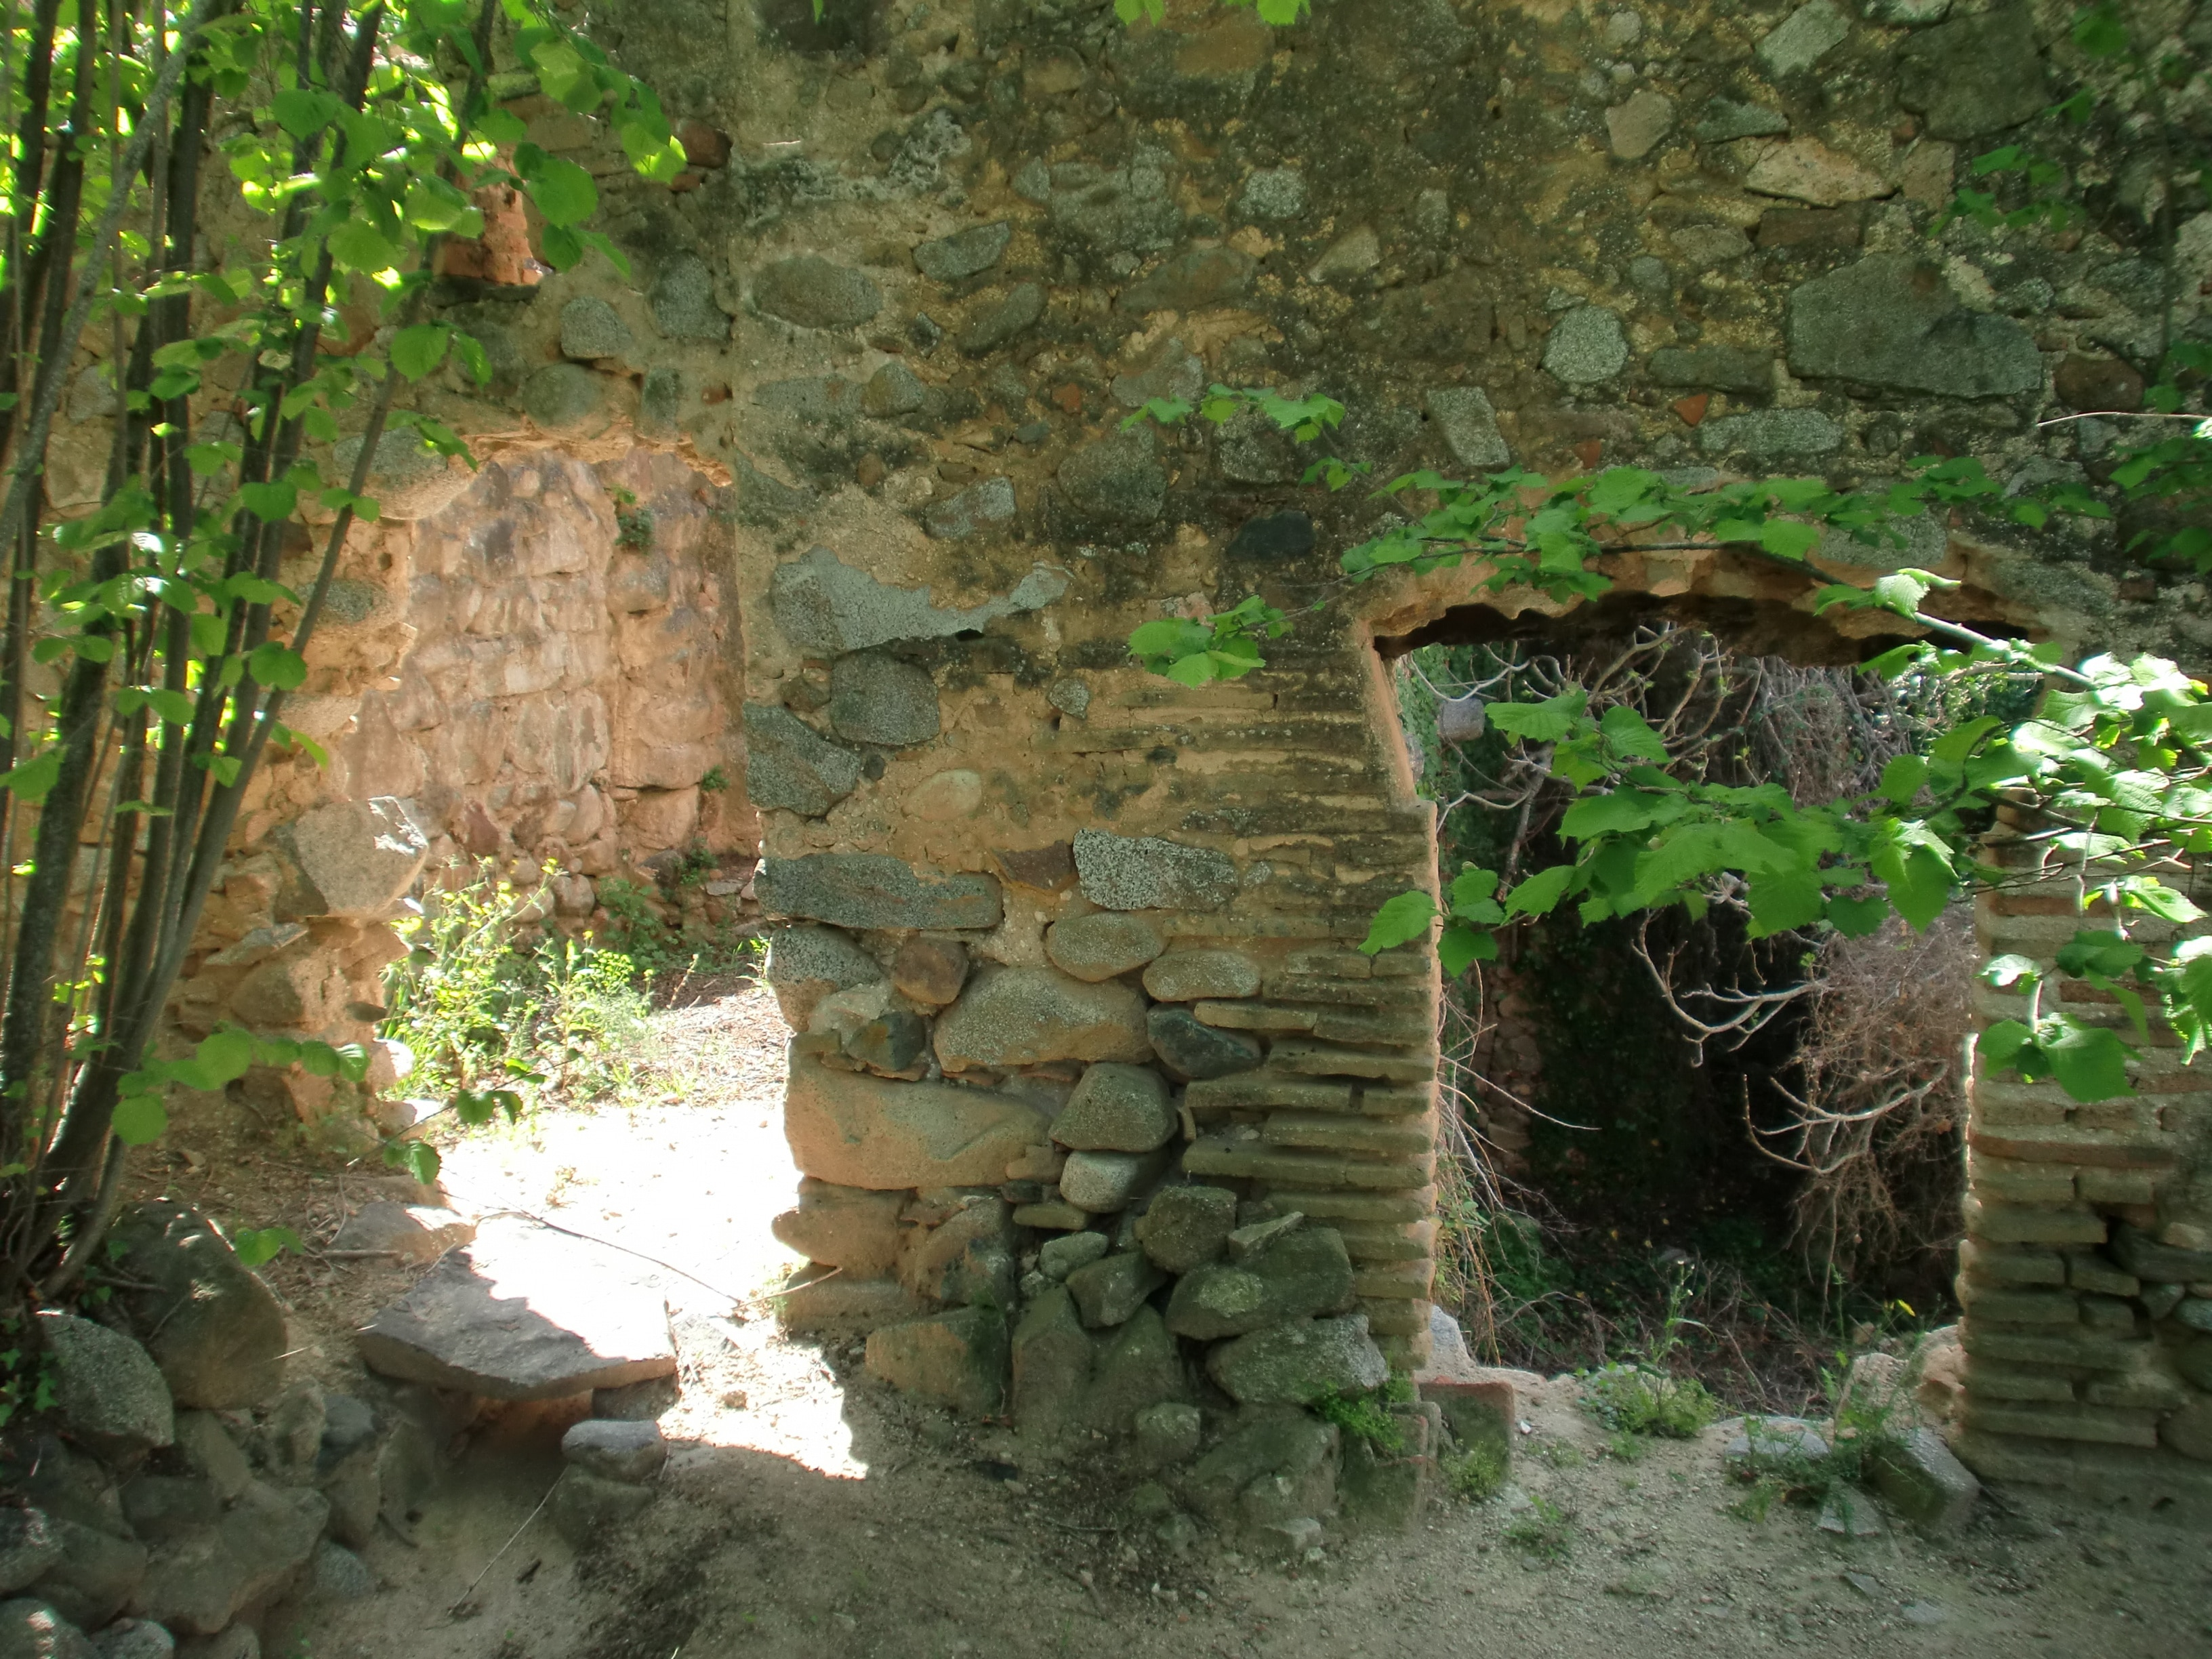 L'Aleixar, Catalonië, Spanje